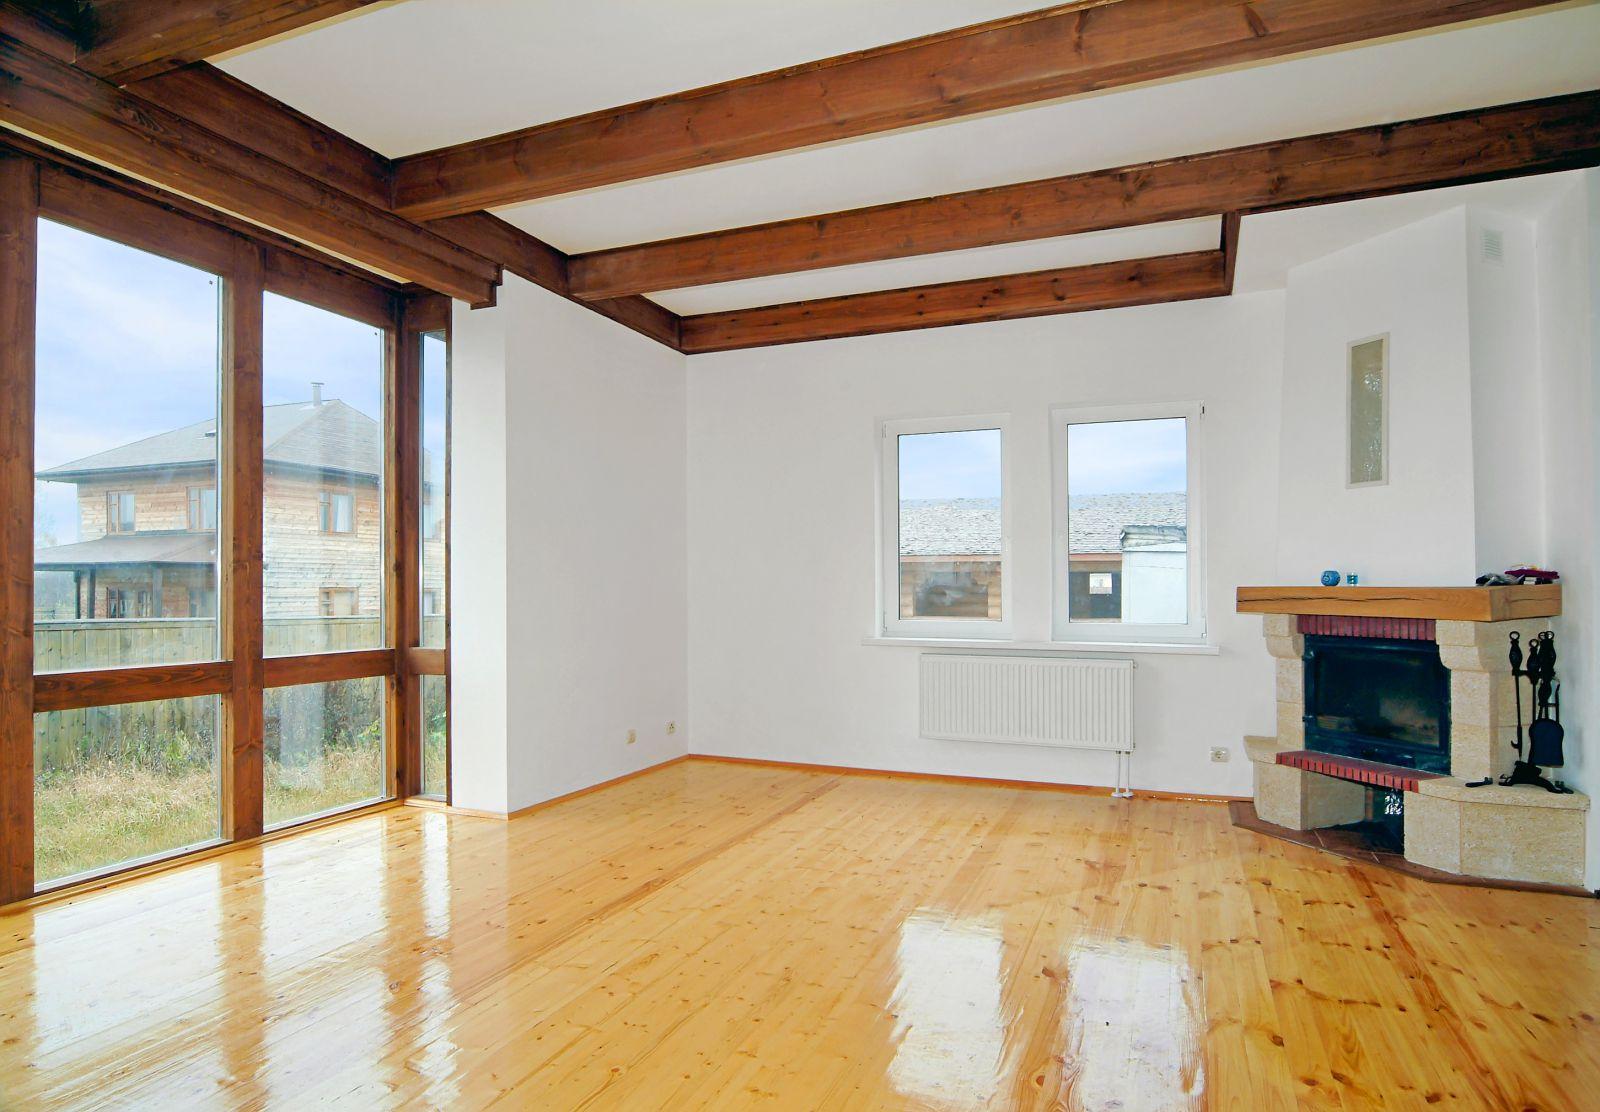 Фото ремонта дома внутри разных комнат расширение вен